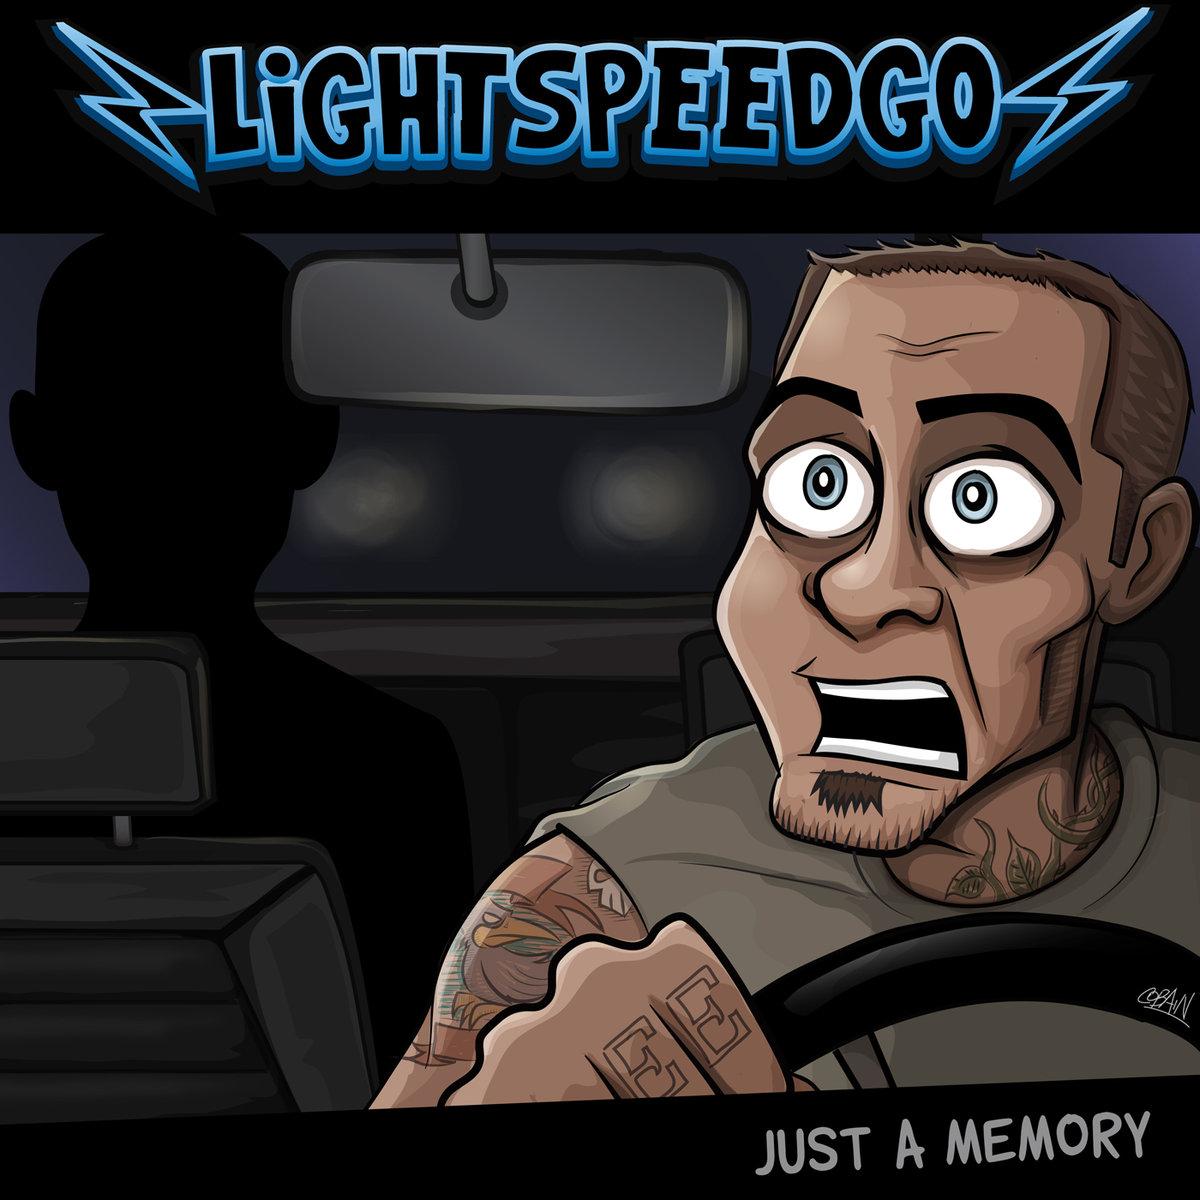 lightspeedgo